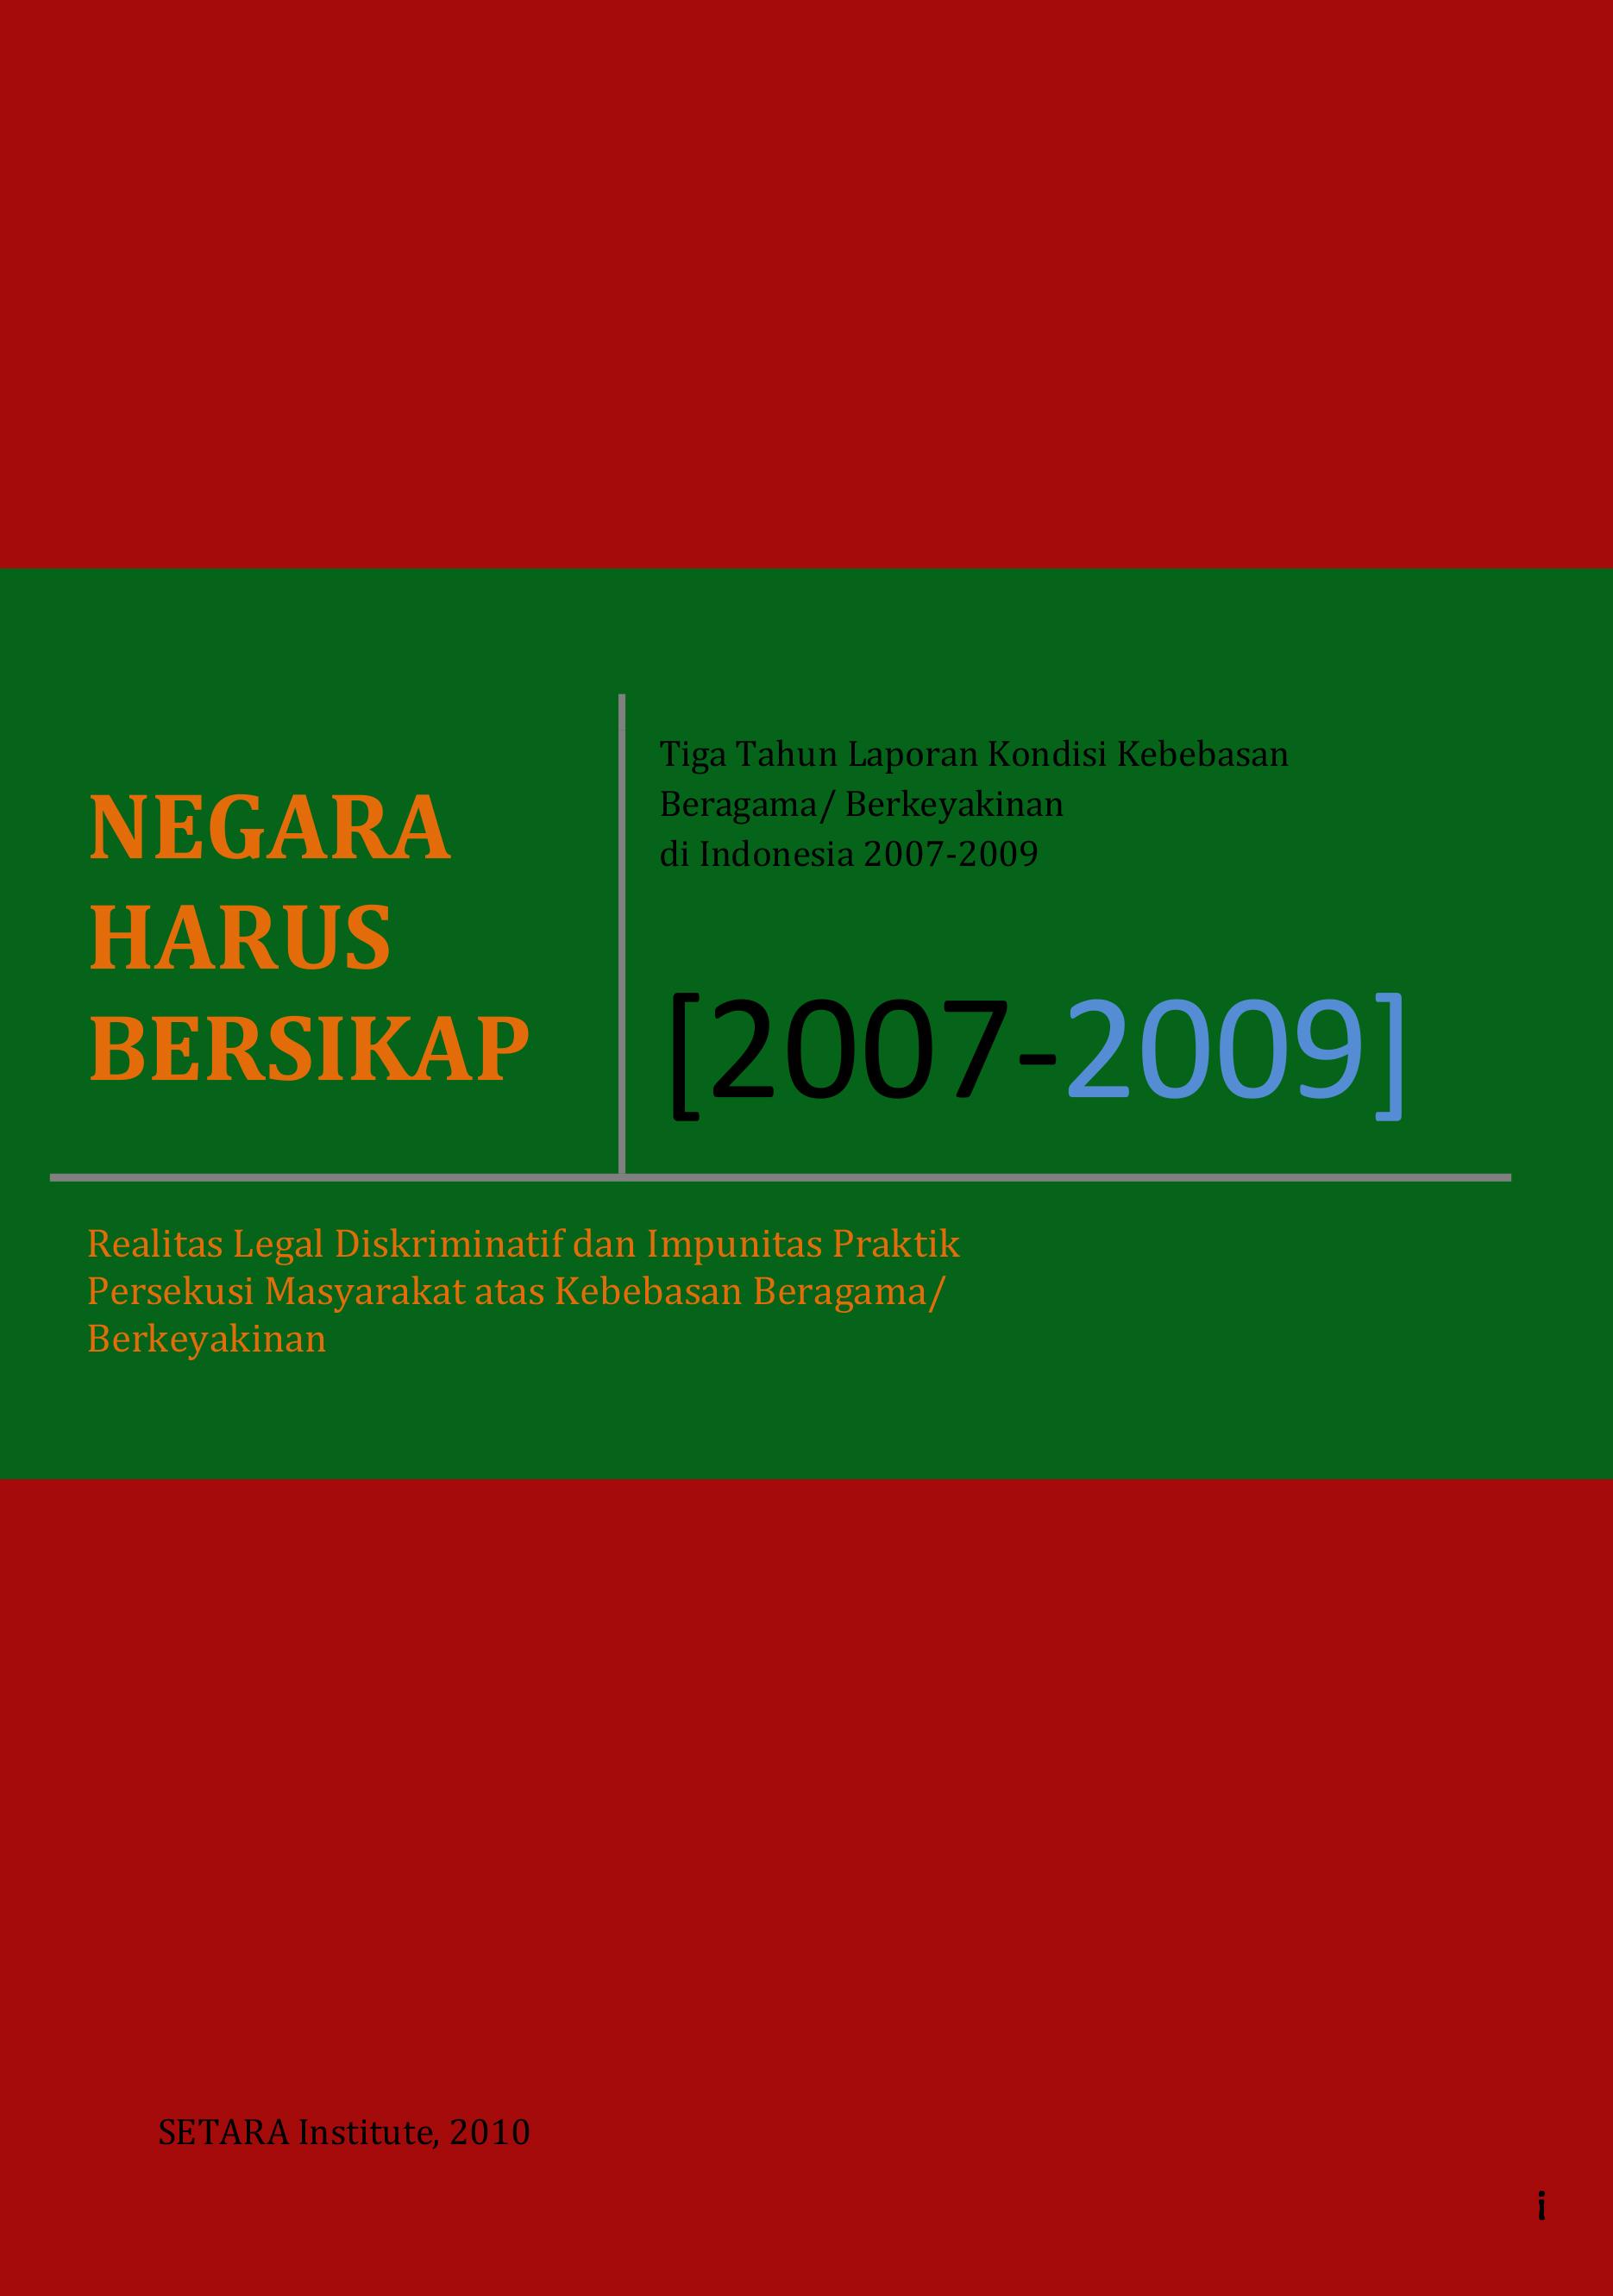 LAPORAN KONDISI KEBEBASAN BERAGAMA/BERKEYAKINAN DI INDONESIA TAHUN 2009